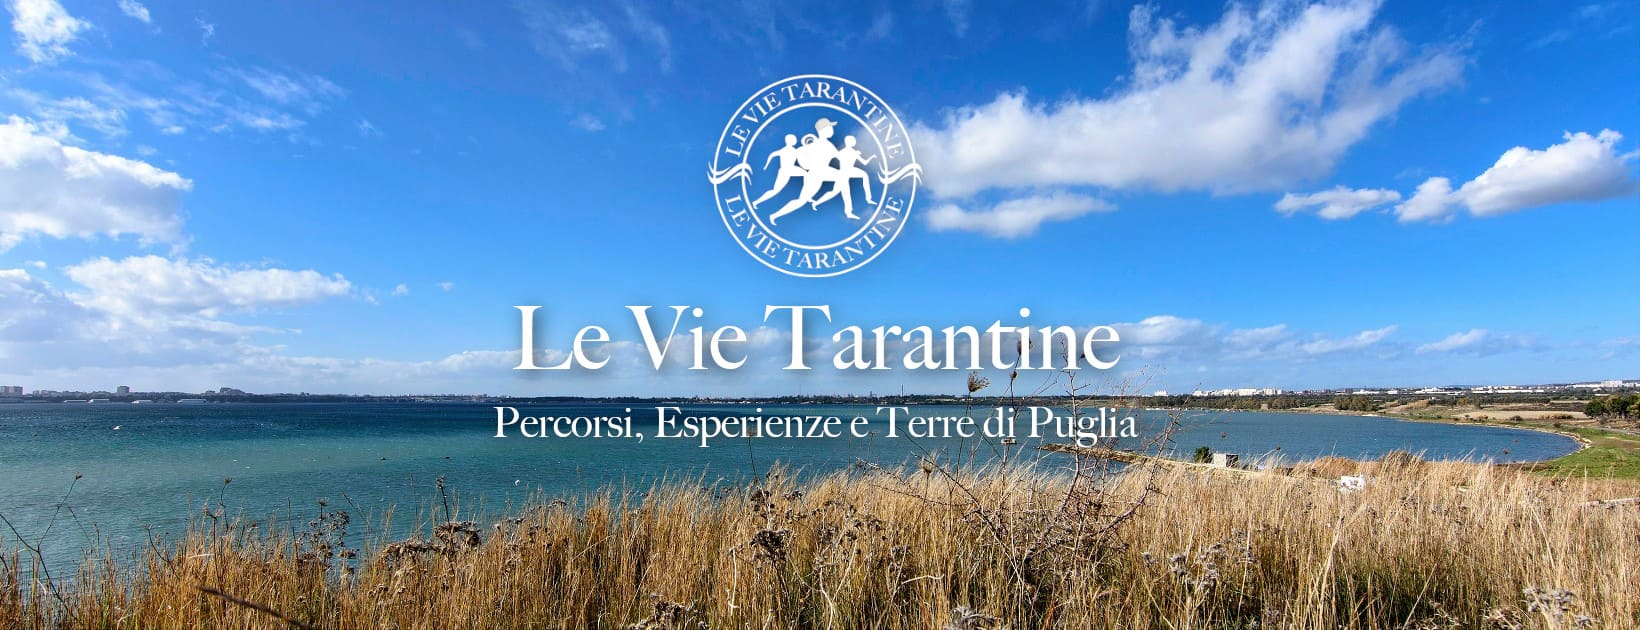 Le Vie Tarantine